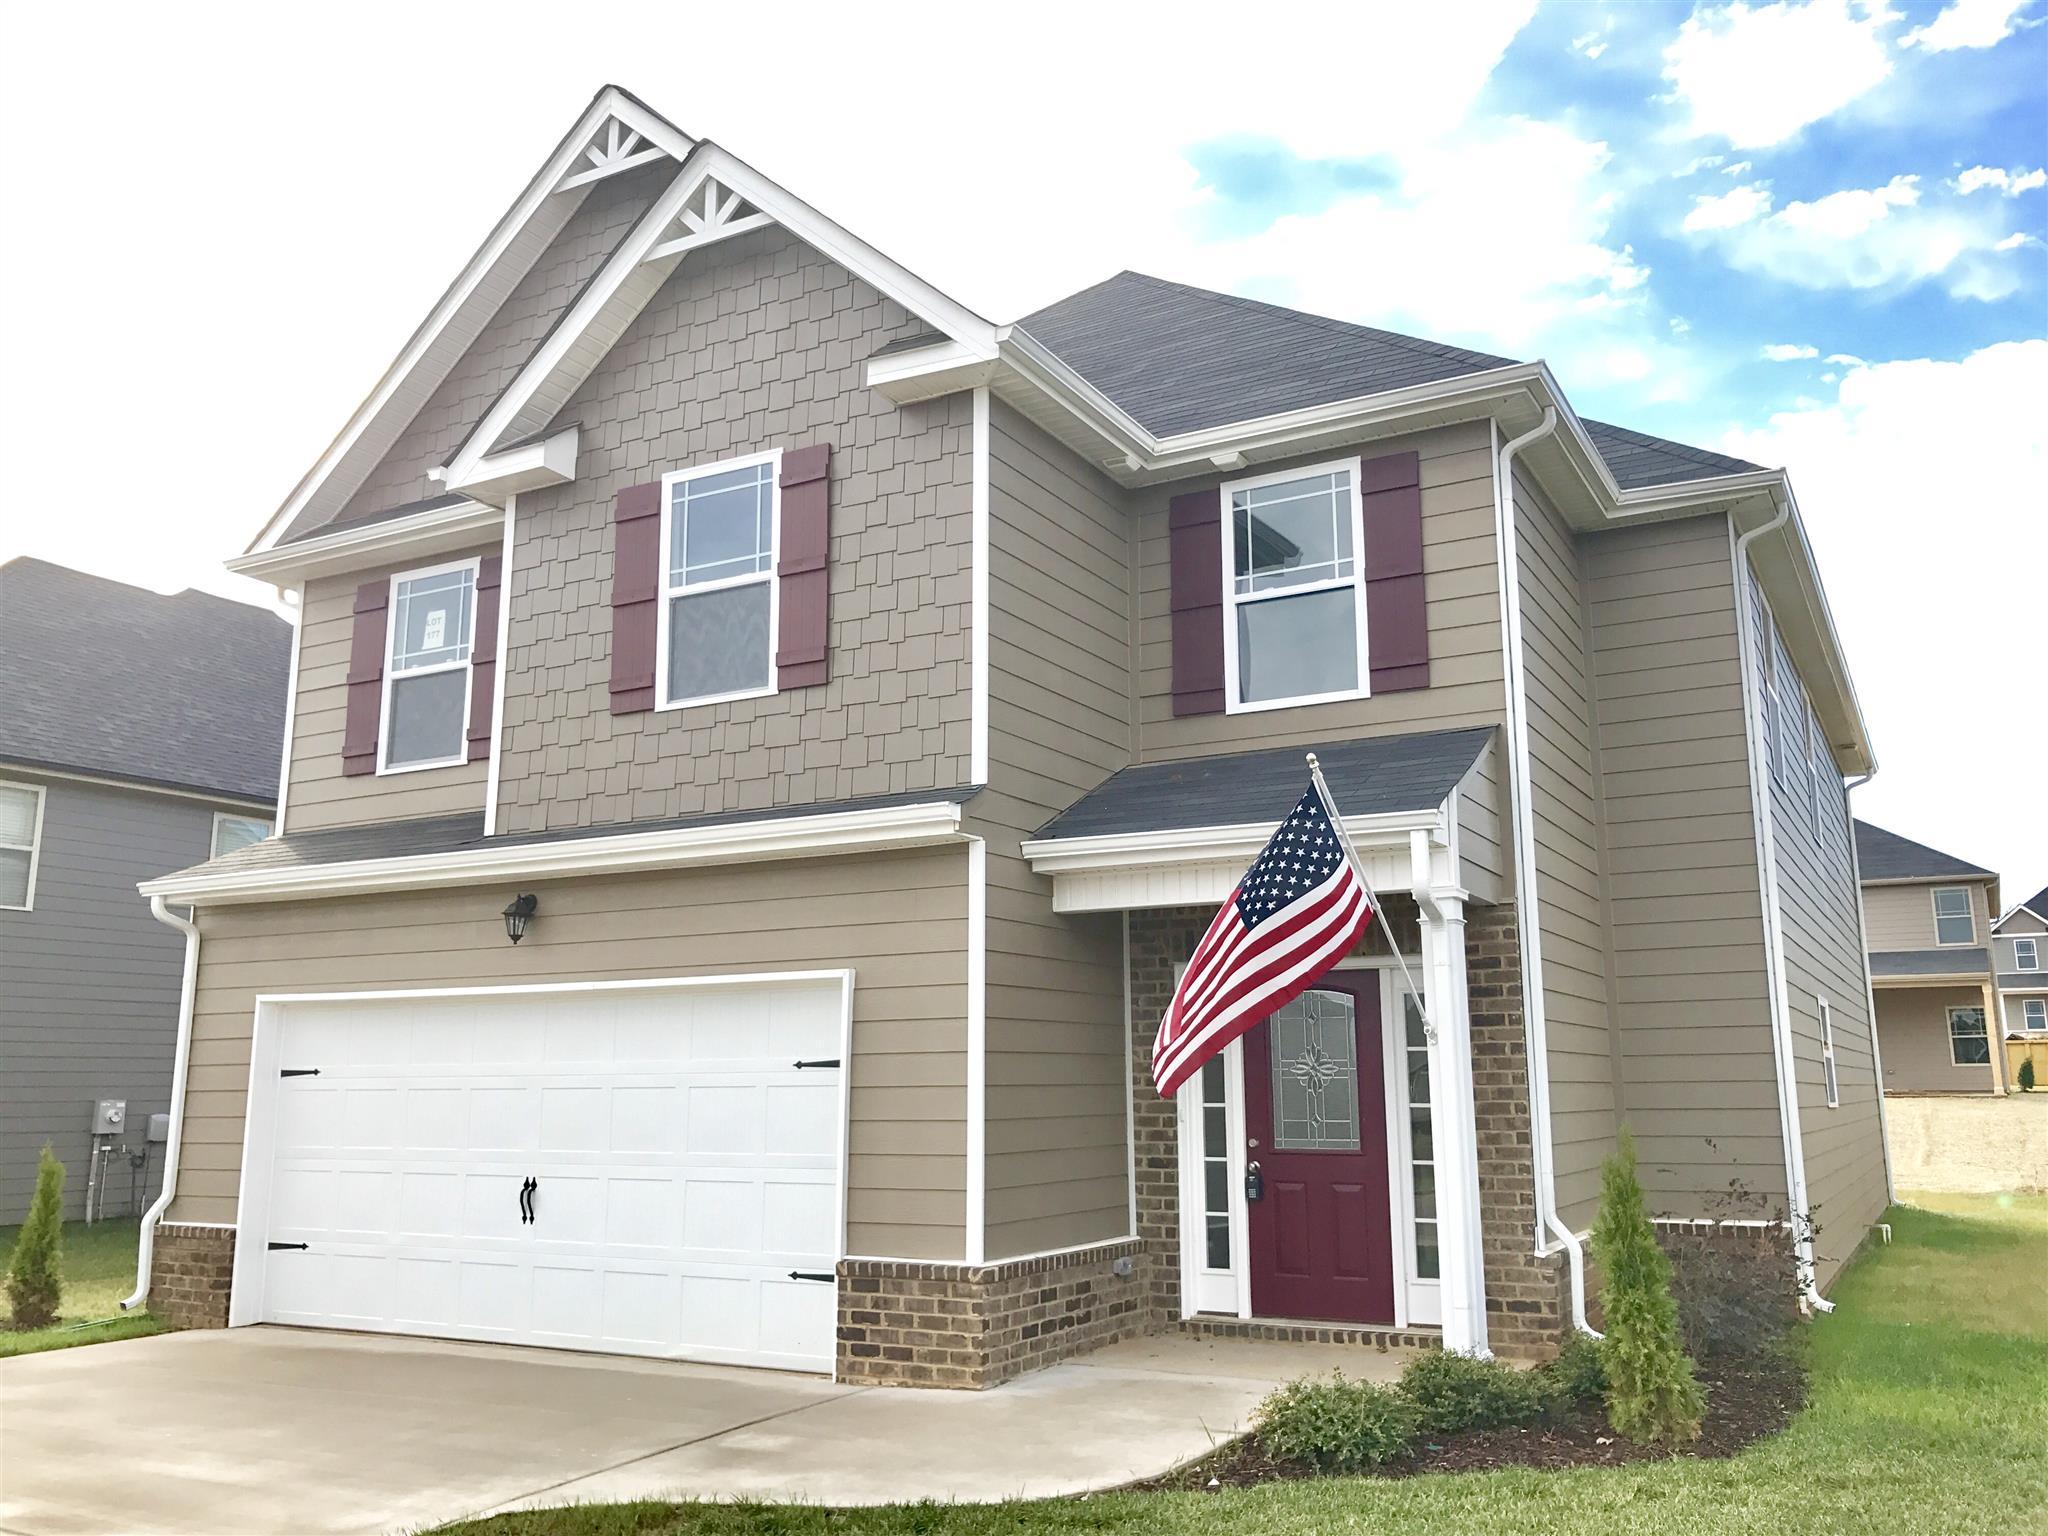 116 Flat Rock Rd, Clarksville, TN 37042